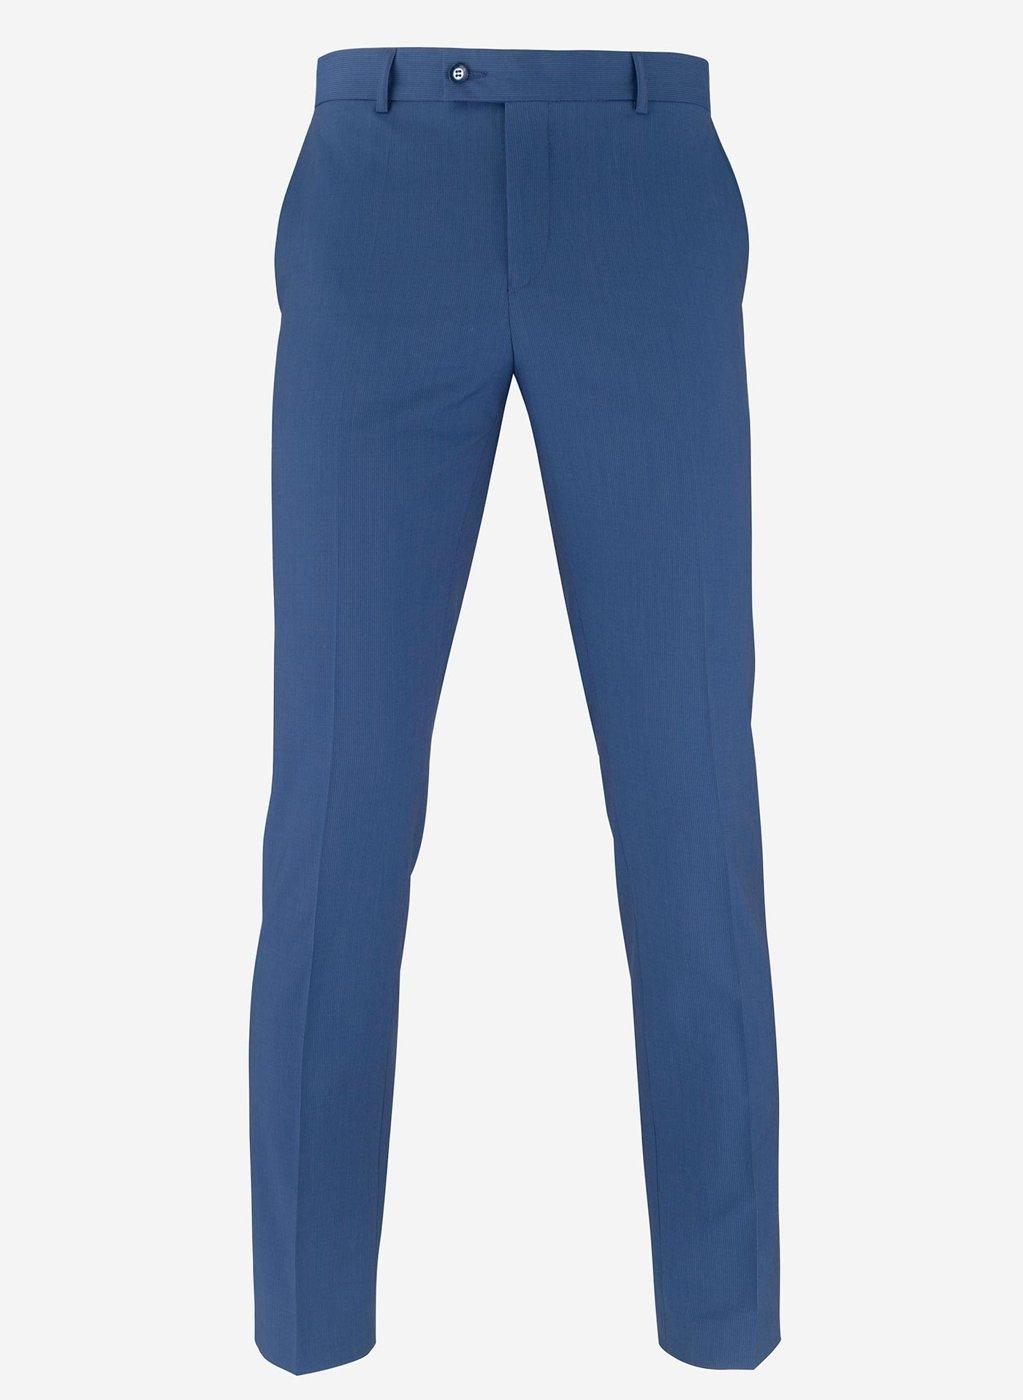 Spodnie męskie garniturowe PORTOFINO PLM-6G-151-N